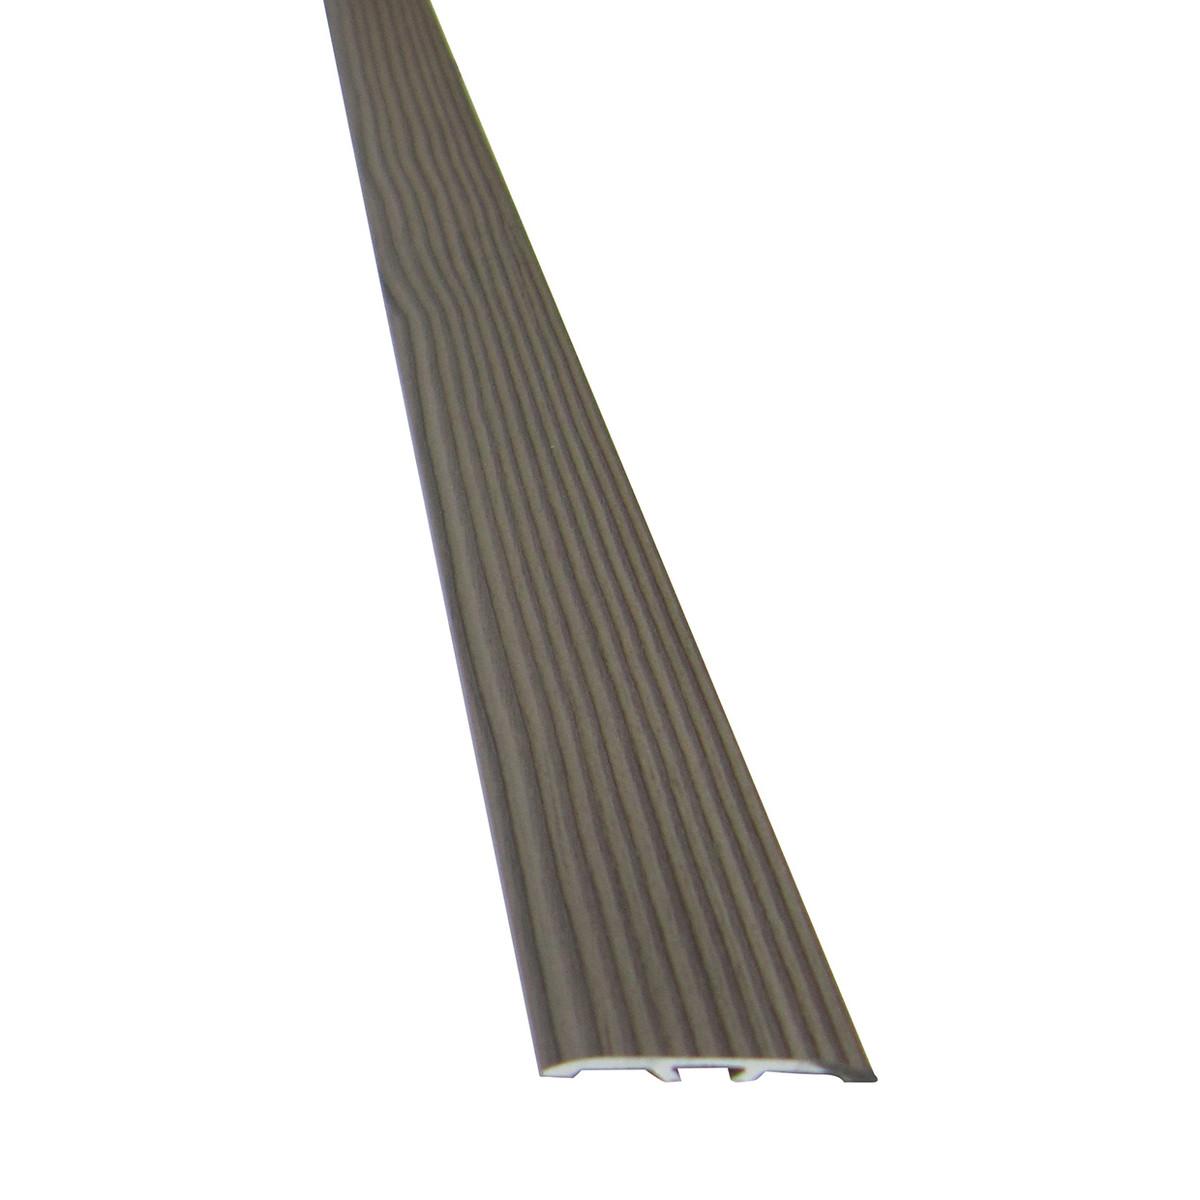 Profilpas profilo per pav laminato e parquet prezzo e for Lastre alluminio leroy merlin